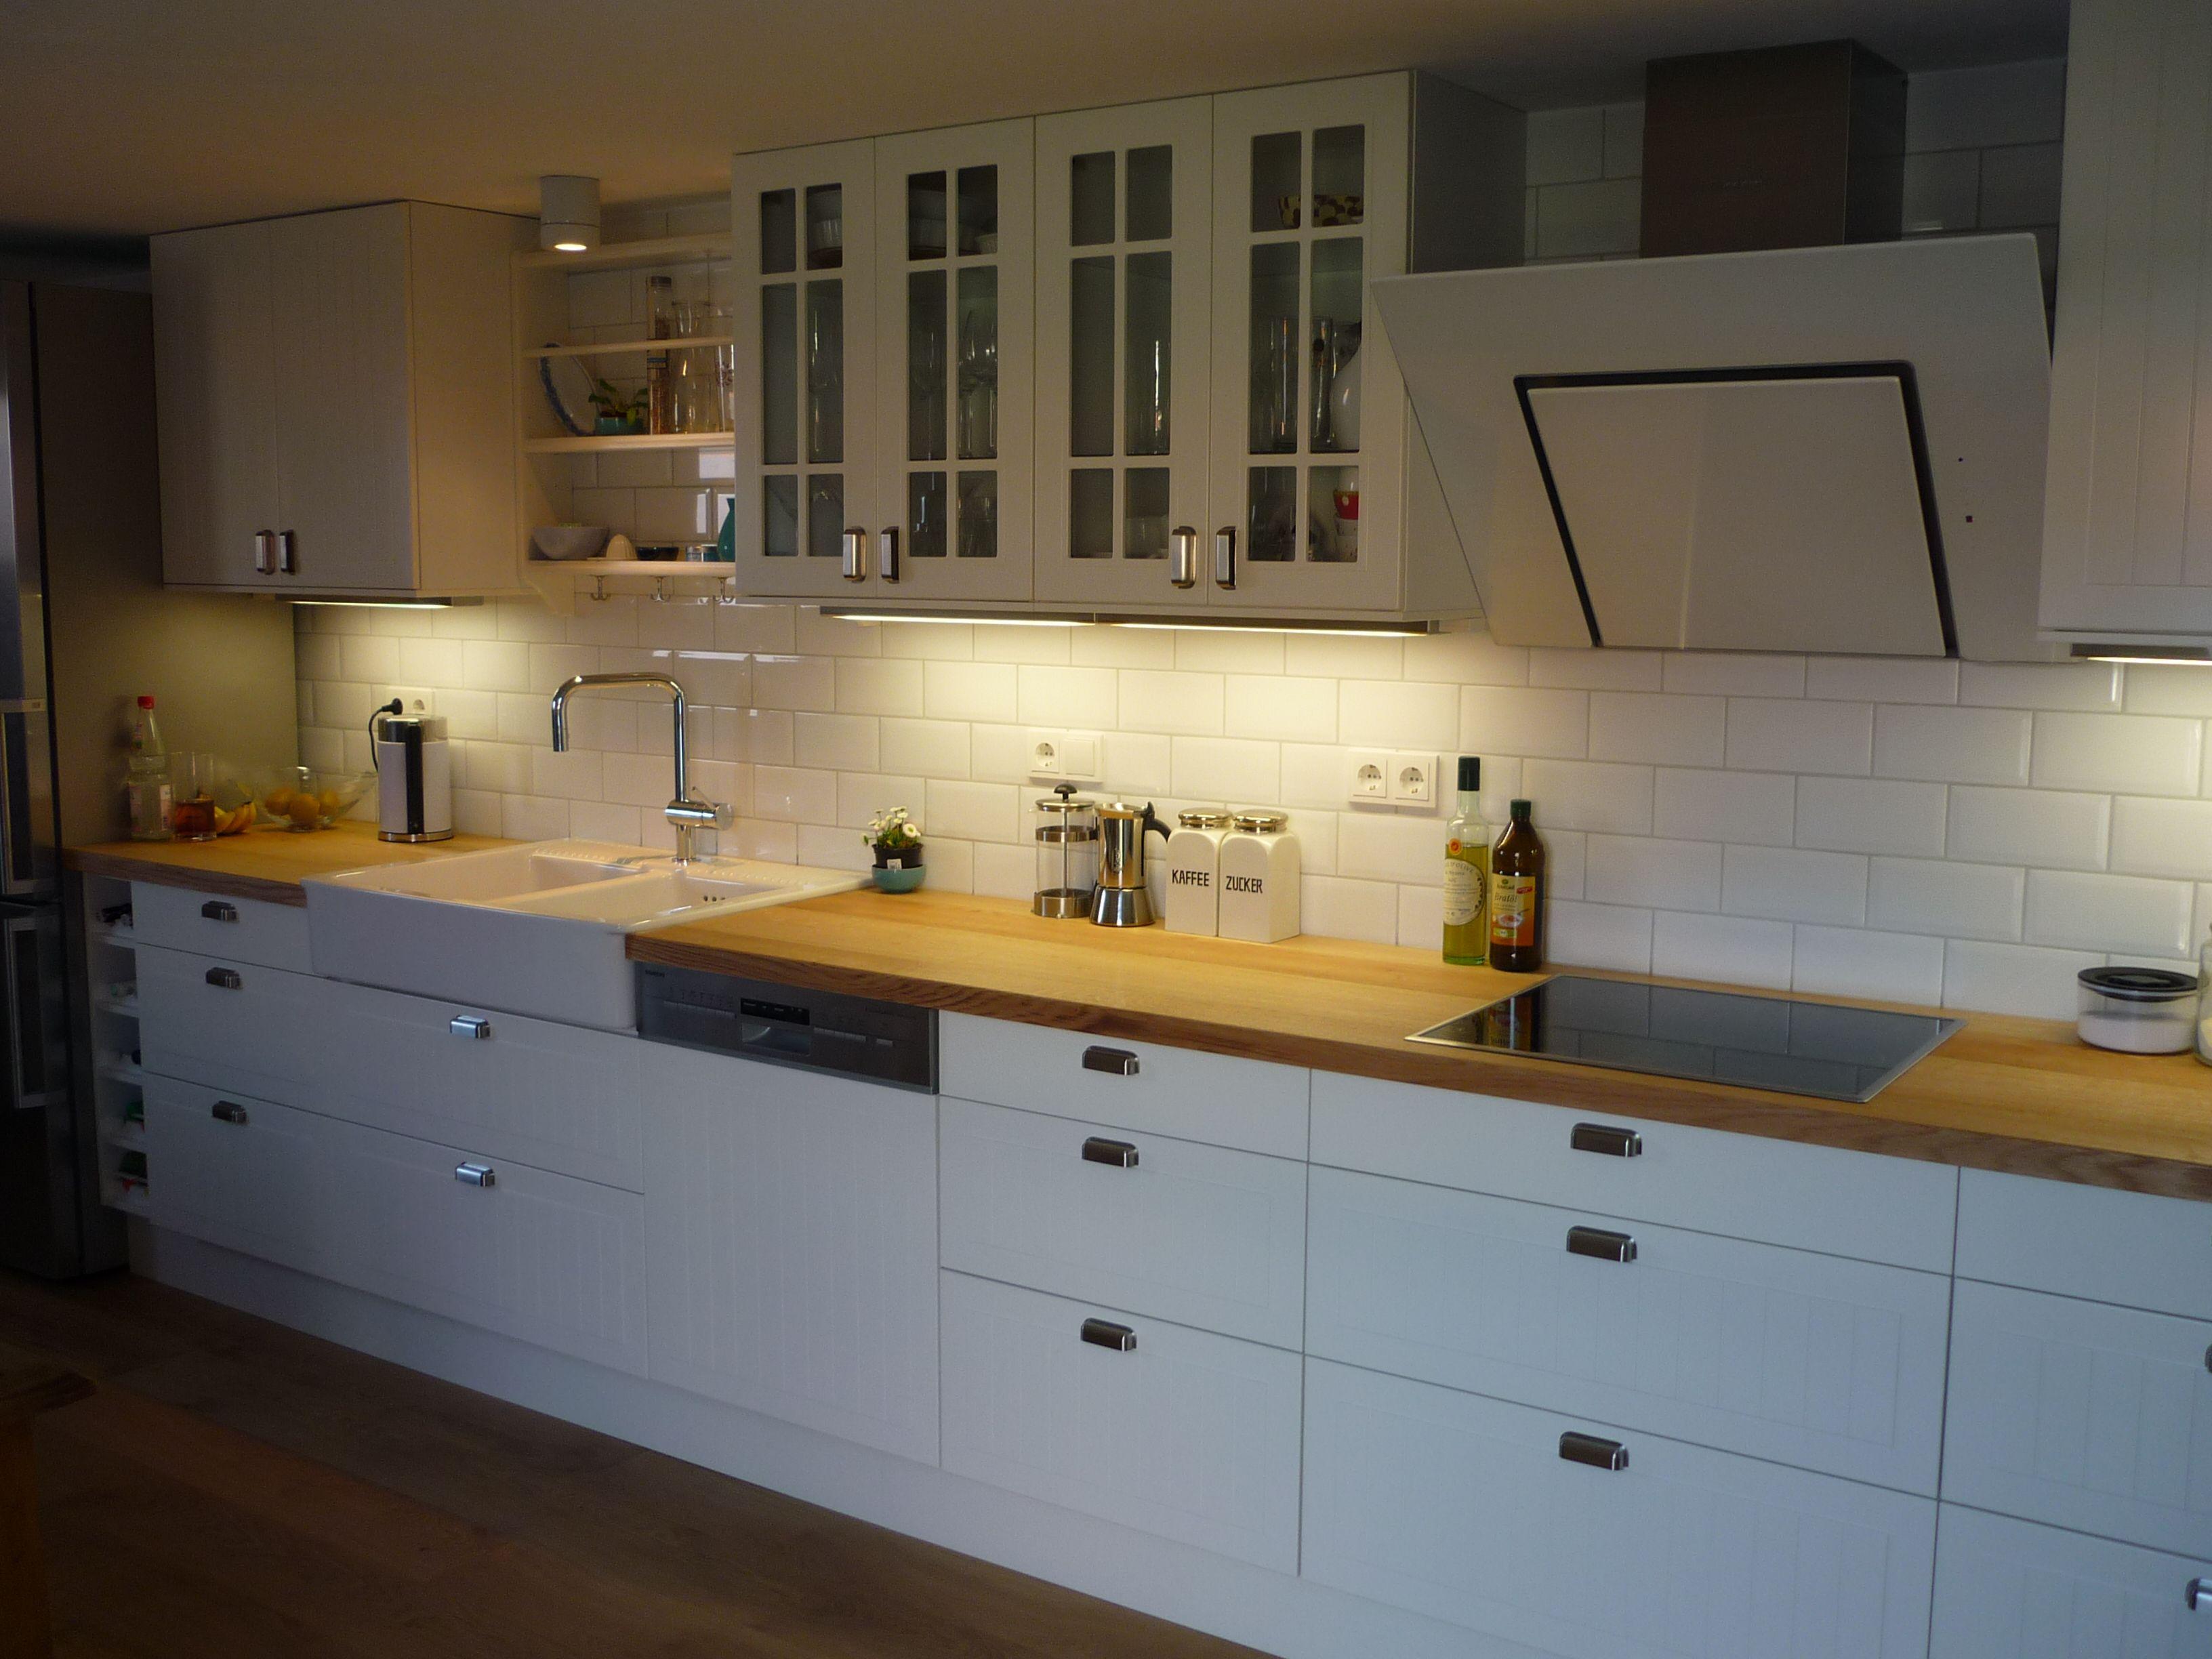 Ikea Küche mit Keramik waschbecken | Ikea küche, Küchen ...